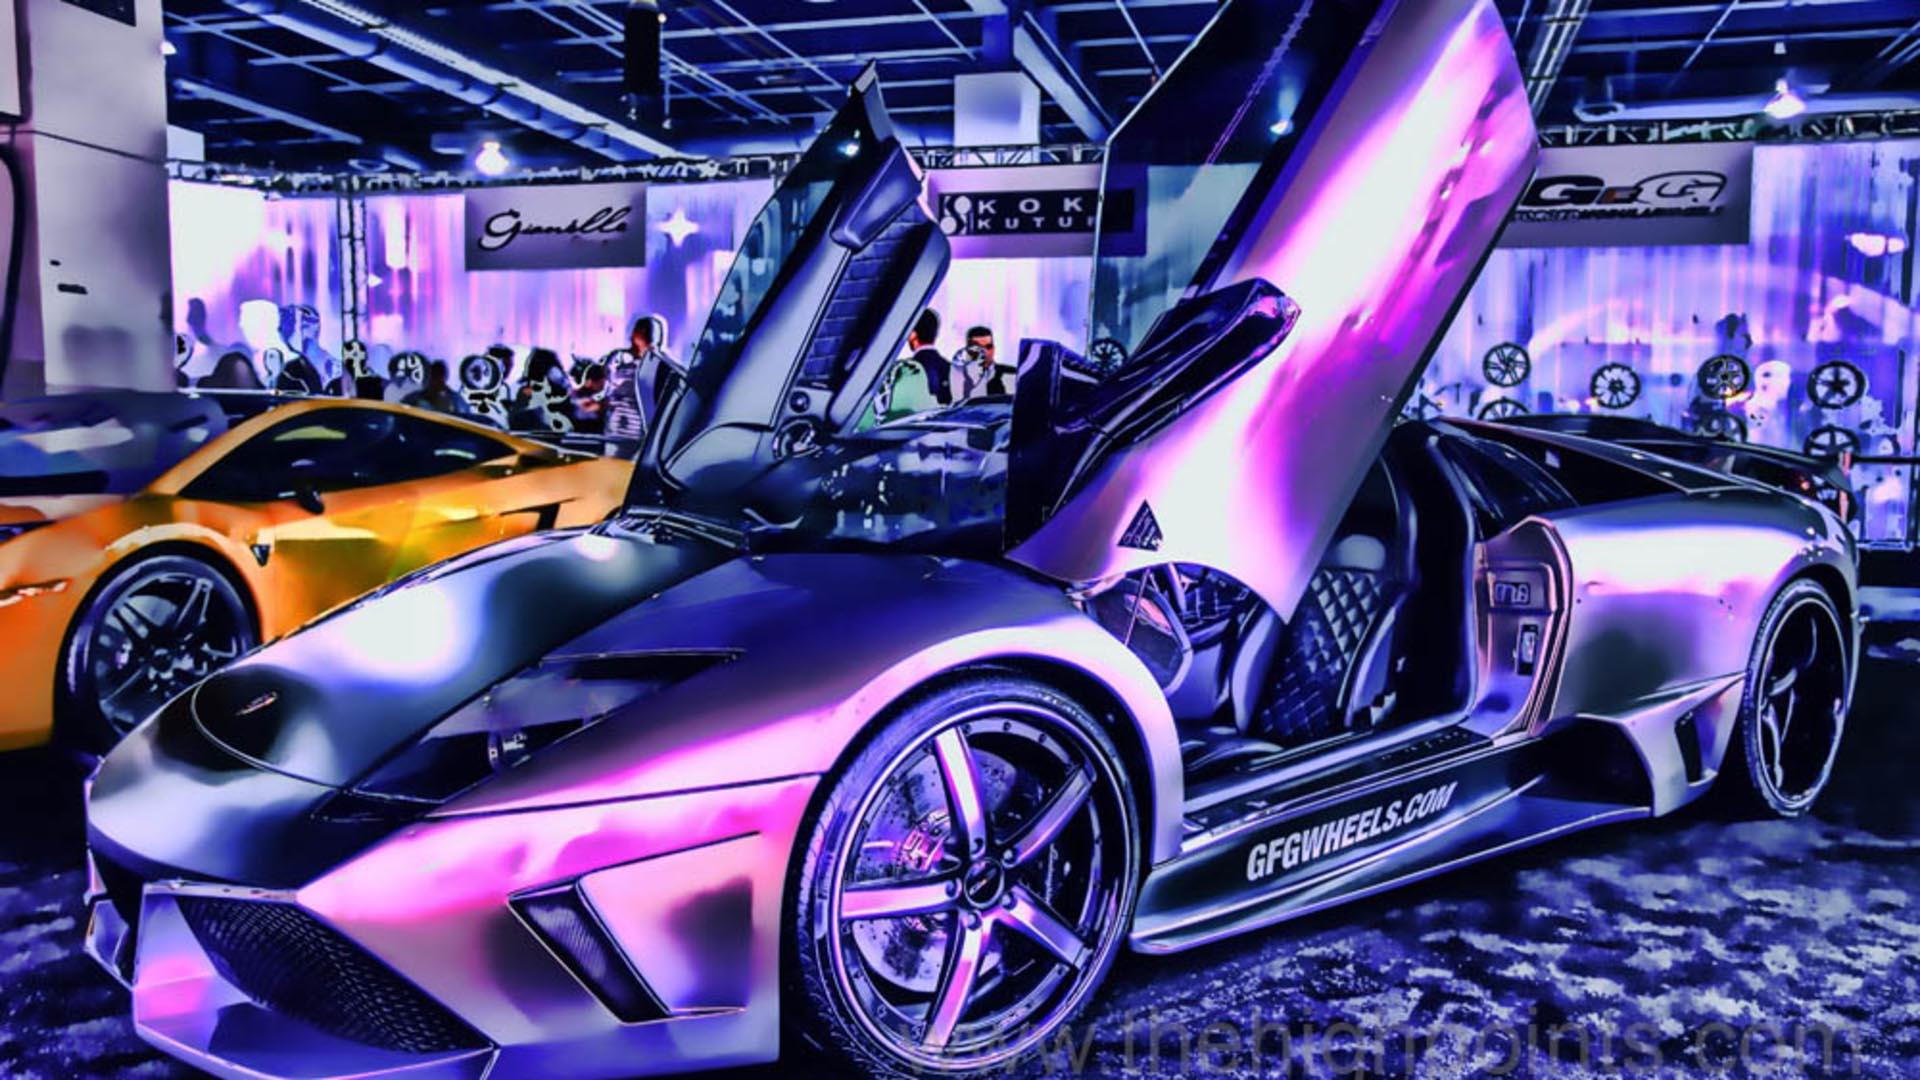 Lamborghini Wallpapers For Desktop Wallpapersafari